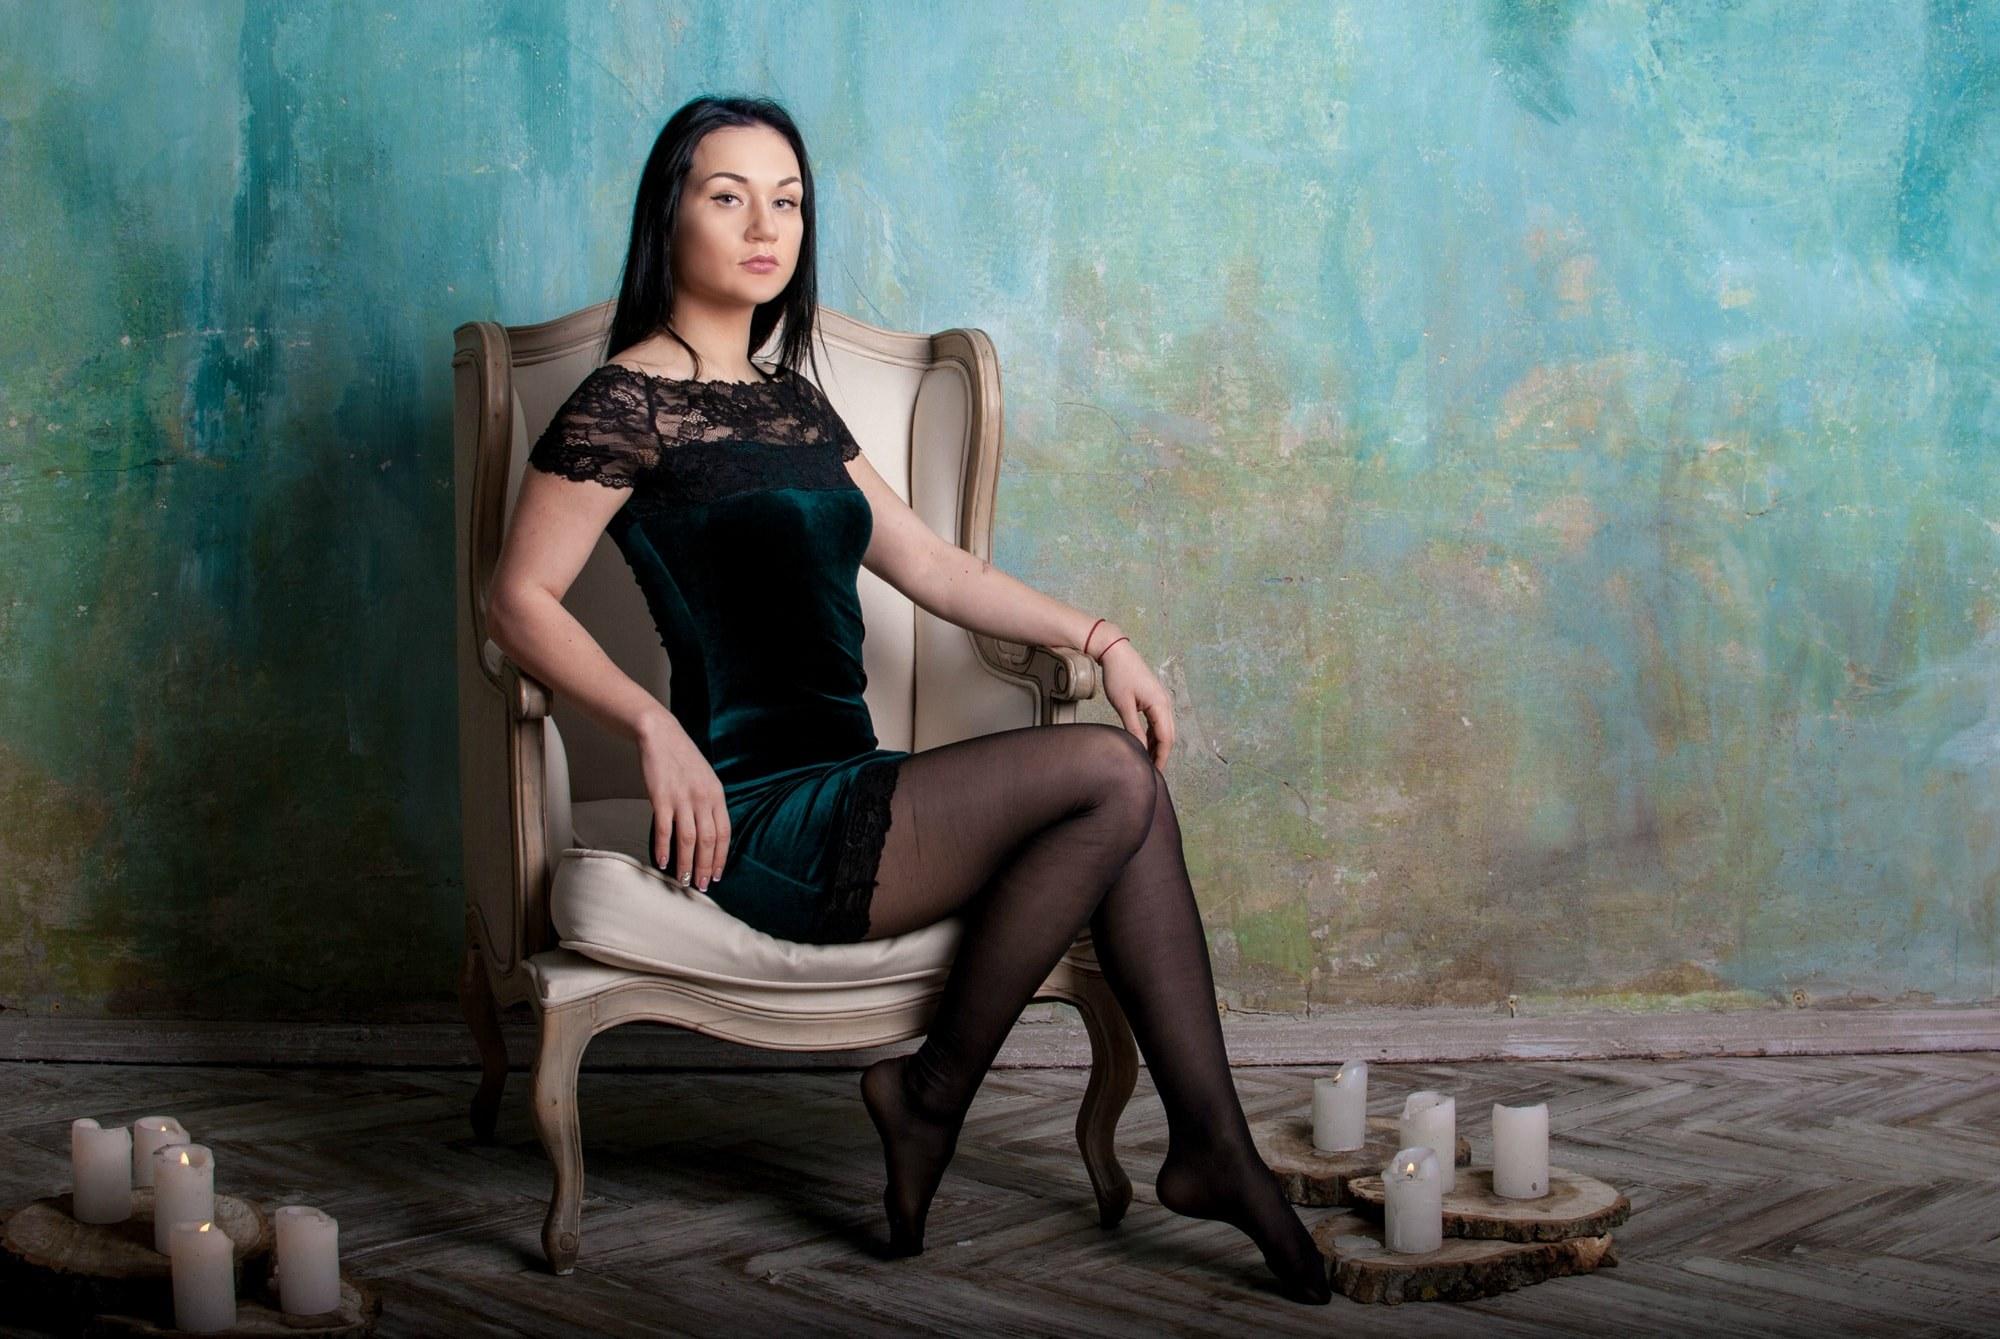 Мадам в кресле - Фотограф Киев - Женя Лайт